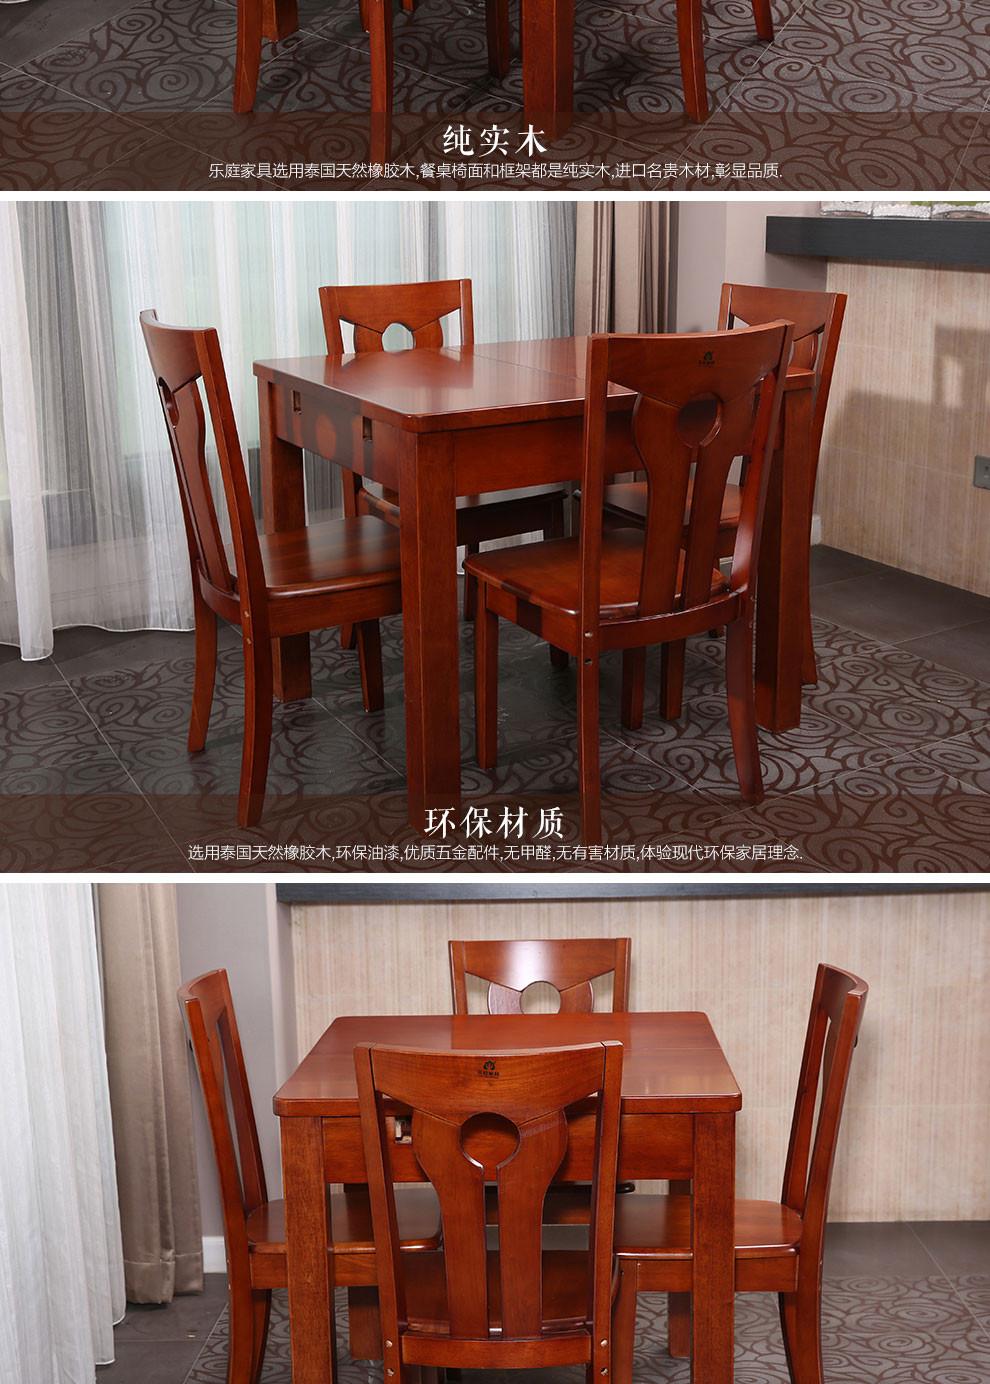 乐庭家具 餐桌 实木餐桌椅套装 伸缩折叠餐桌 橡胶木餐桌 多功能饭桌